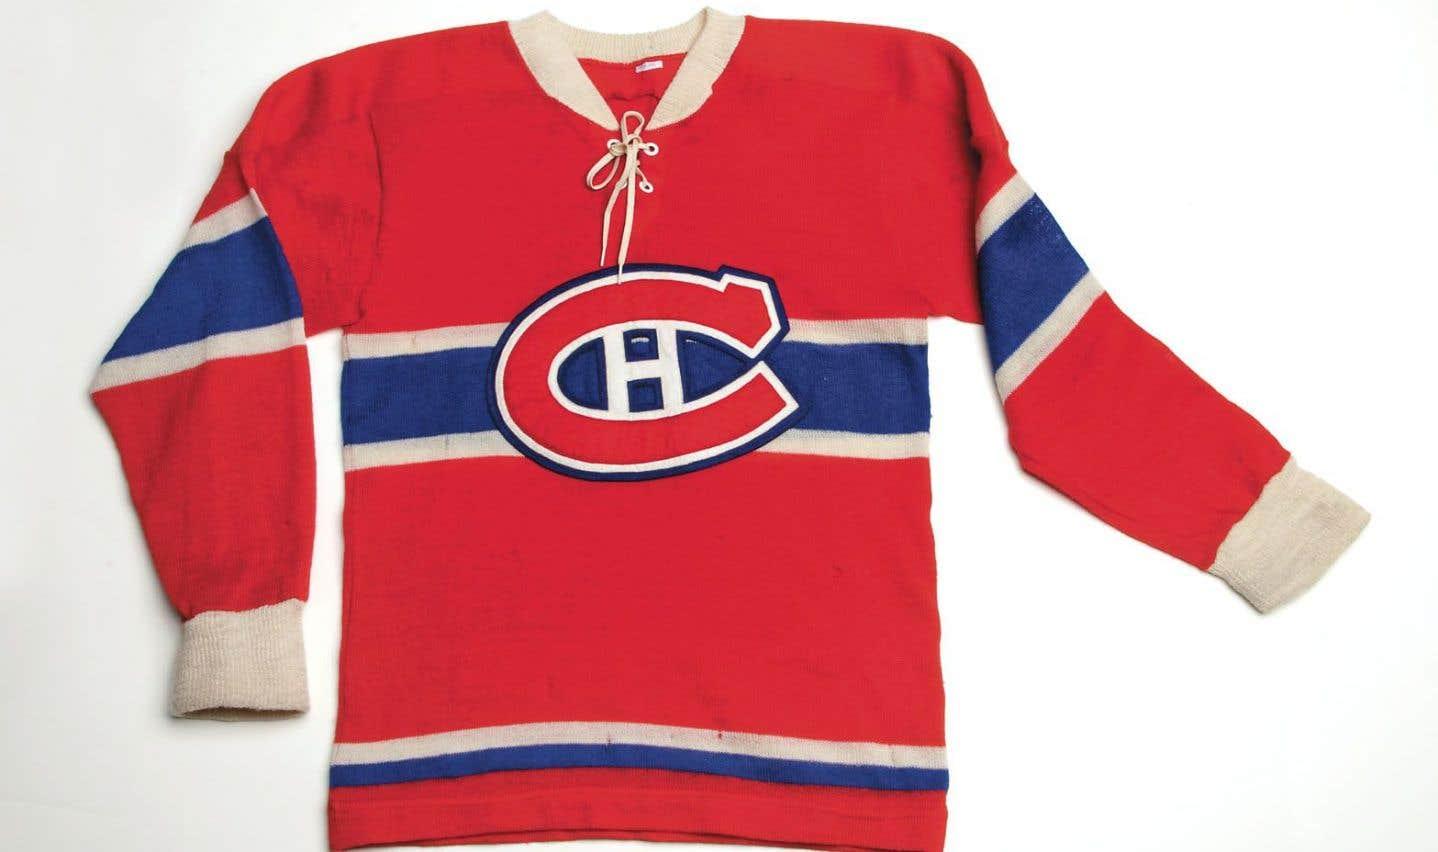 Chandail de hockey, 1943-1953, don de la succession de Maurice Richard